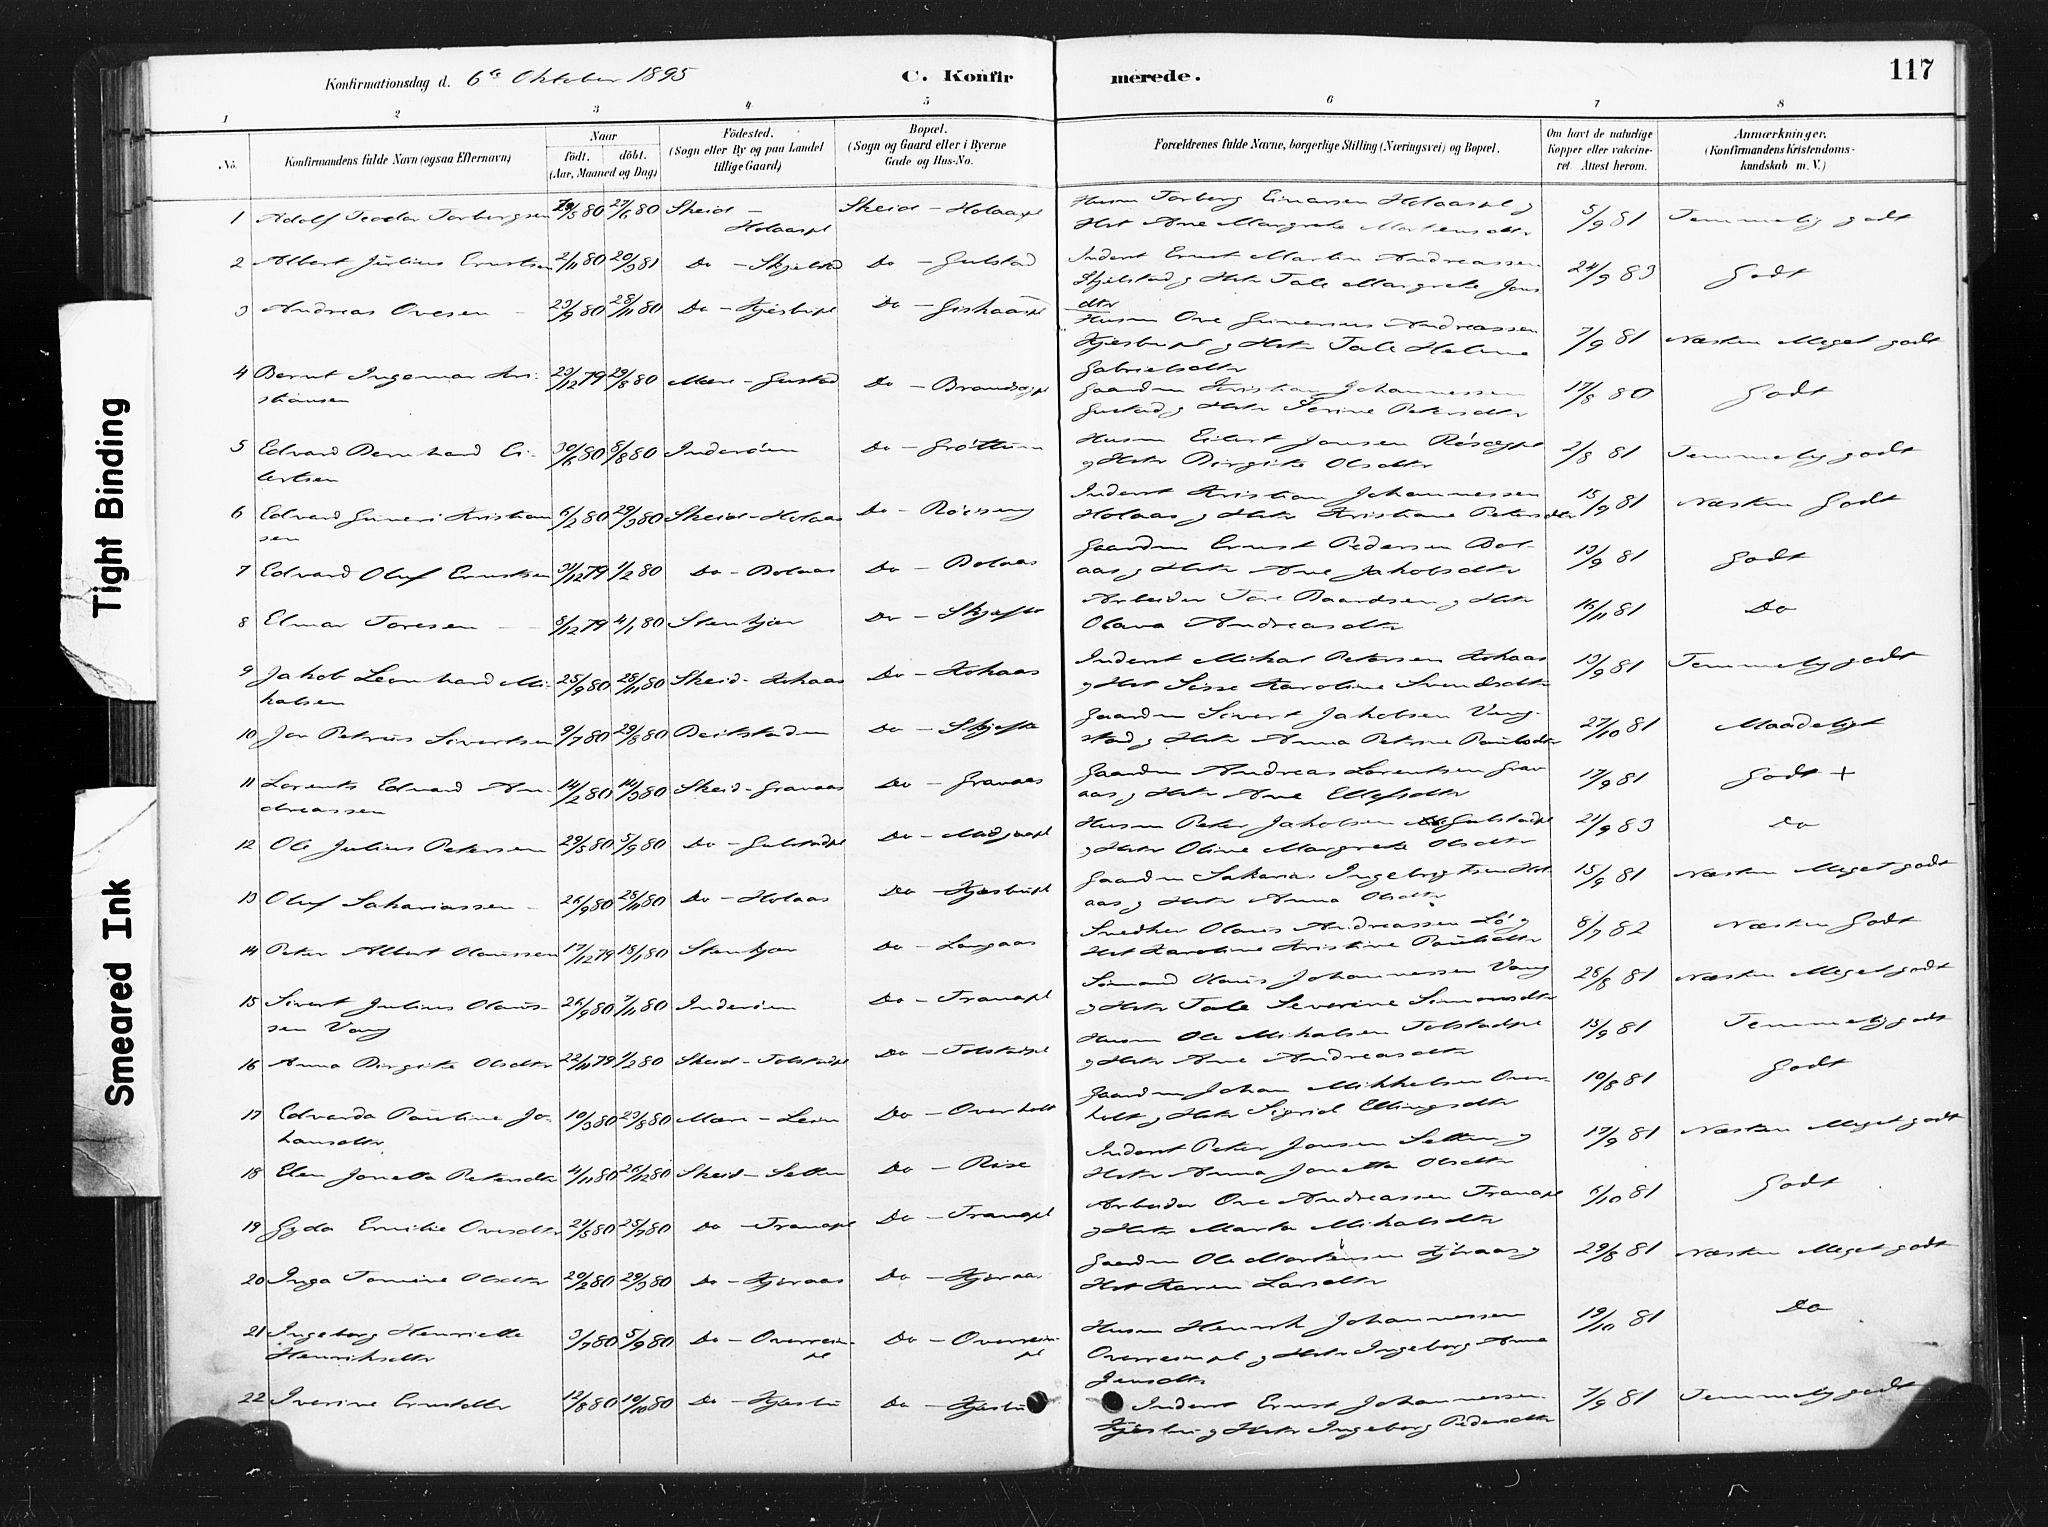 SAT, Ministerialprotokoller, klokkerbøker og fødselsregistre - Nord-Trøndelag, 736/L0361: Ministerialbok nr. 736A01, 1884-1906, s. 117